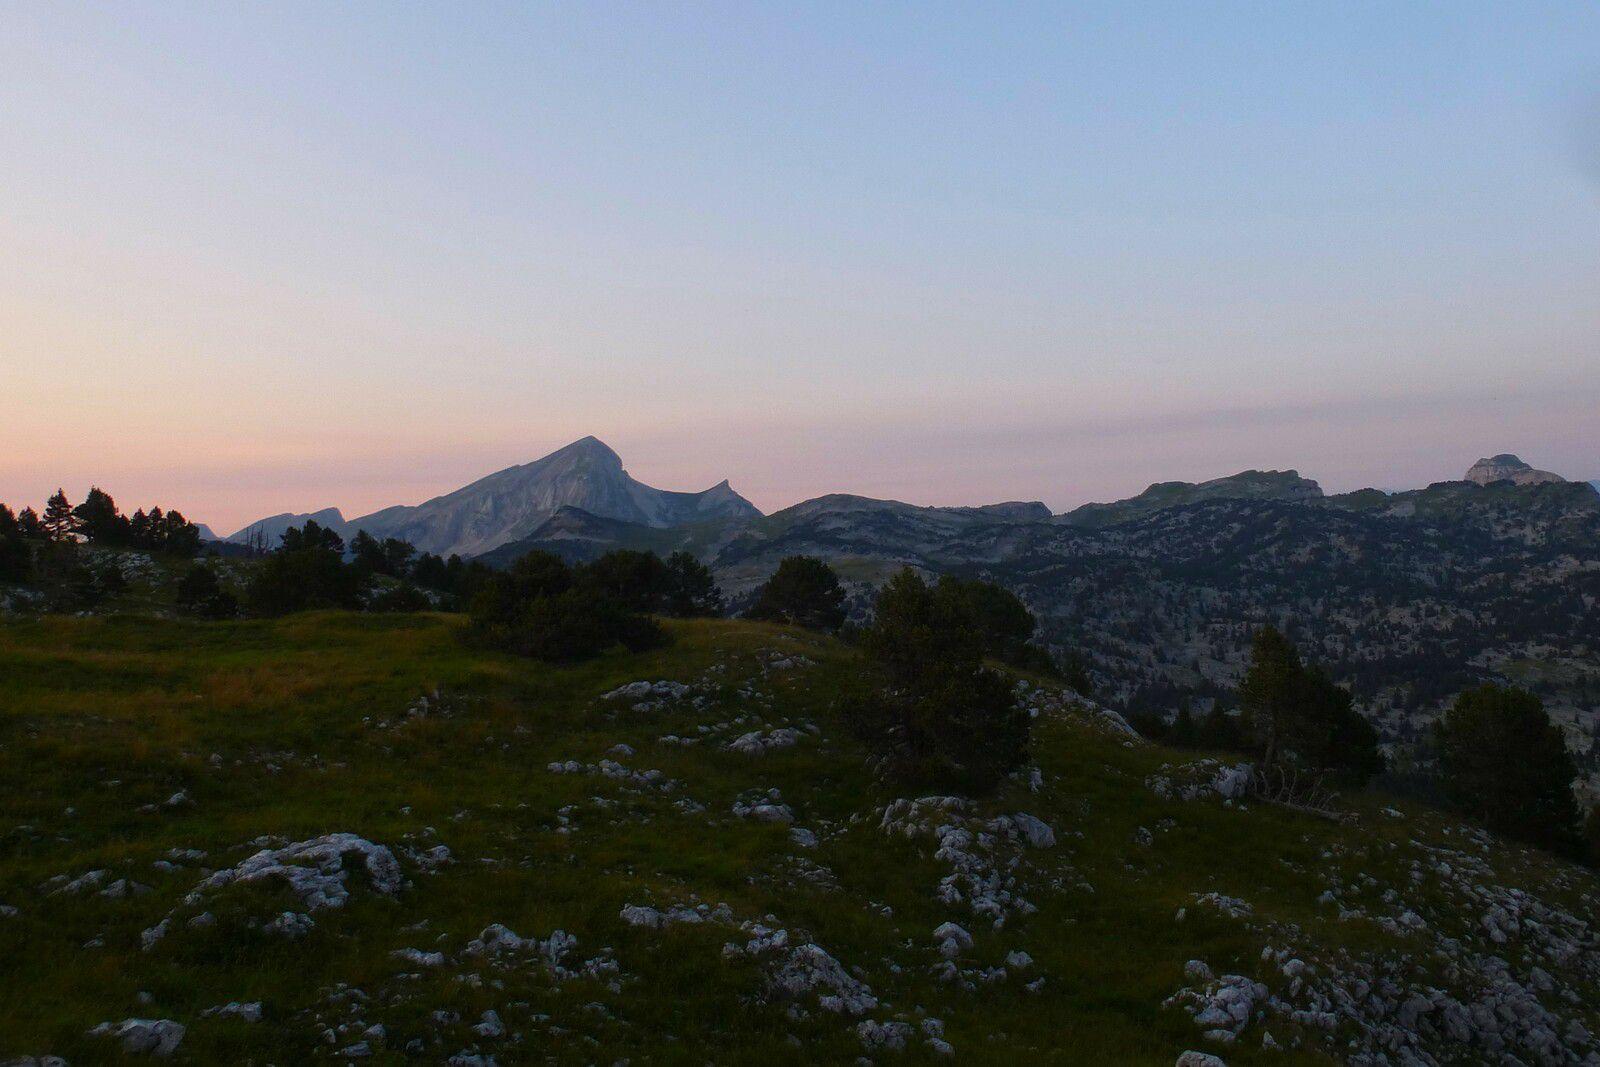 2 Jours sur les Hauts Plateaux : J1 Bivouac à Tourte Barreaux